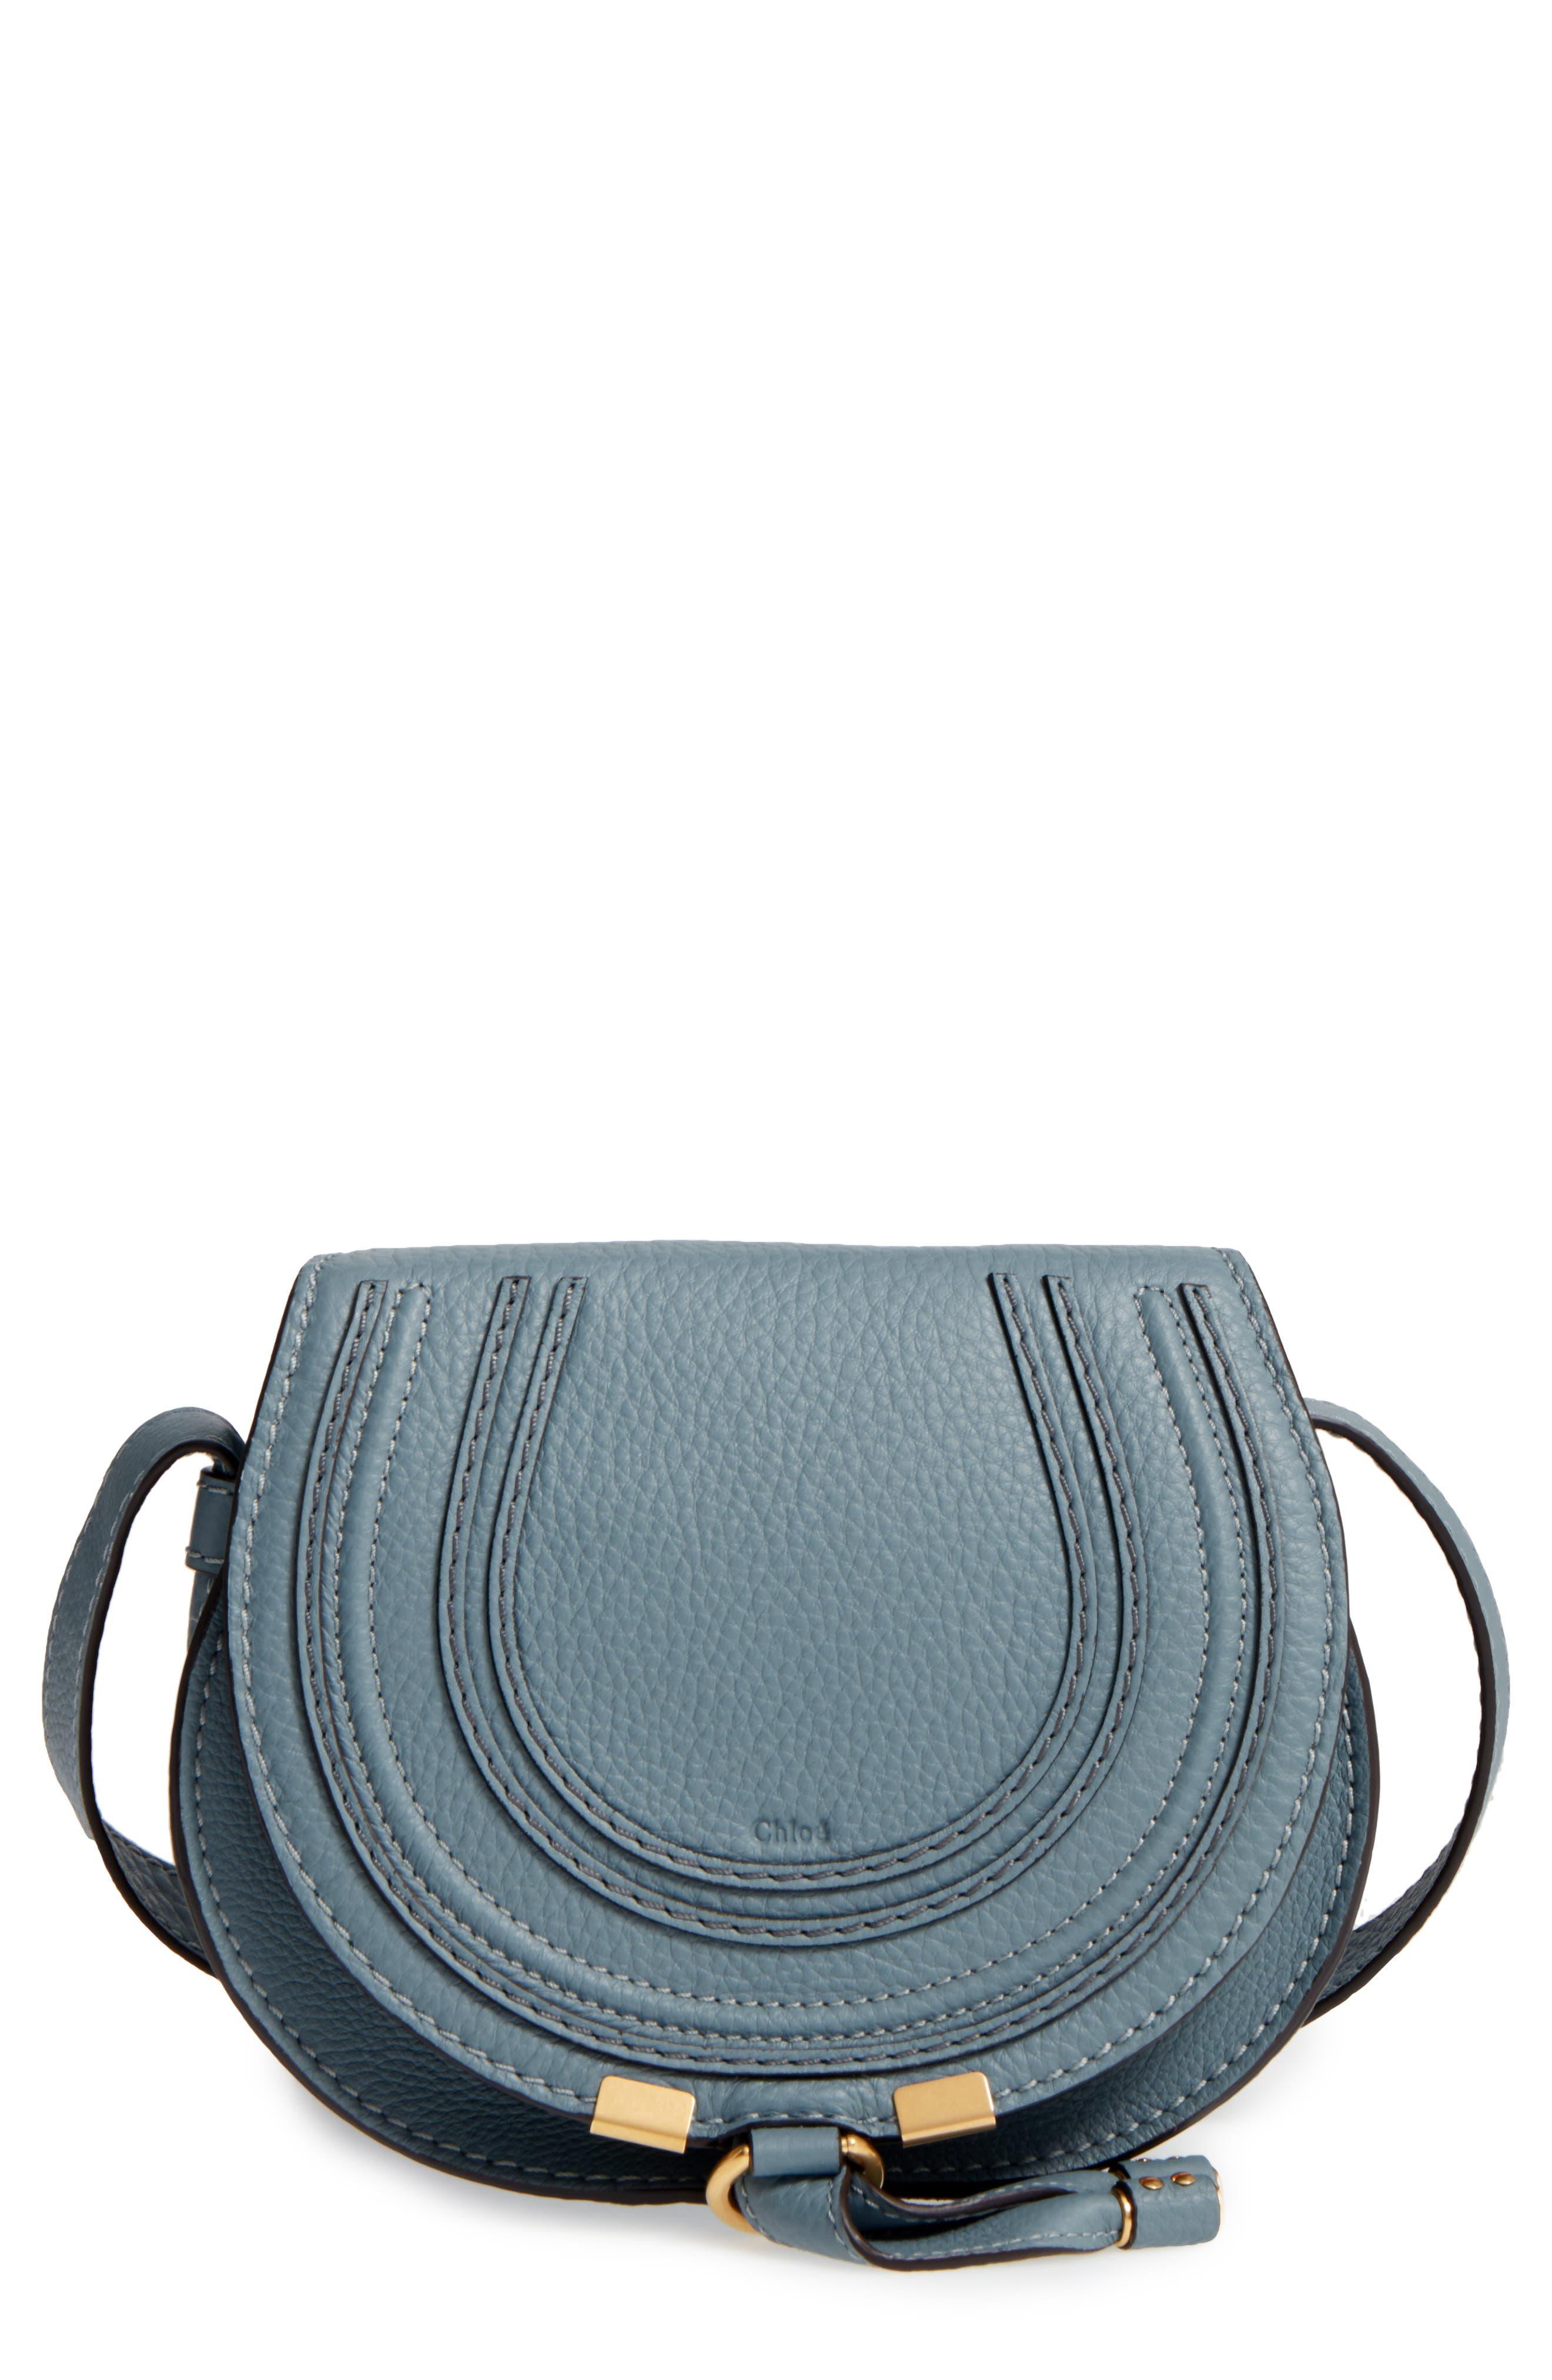 CHLOÉ 'Mini Marcie' Leather Crossbody Bag, Main, color, BFC CLOUDY BLUE